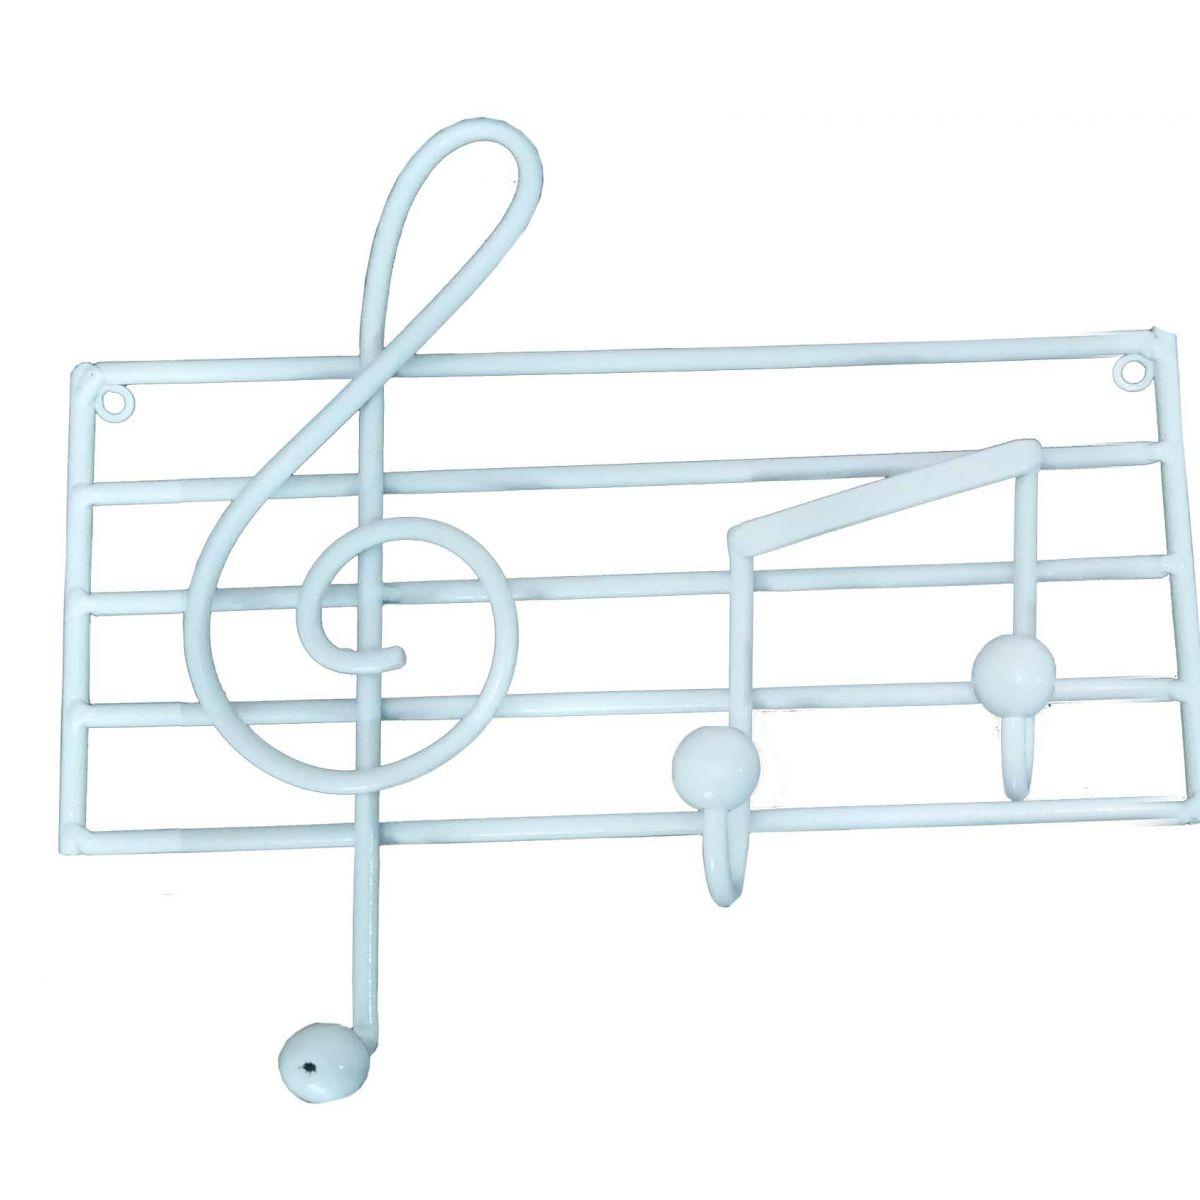 Cabide de Ferro para Bolsas Reforçado Artesanal Rustico de Musica